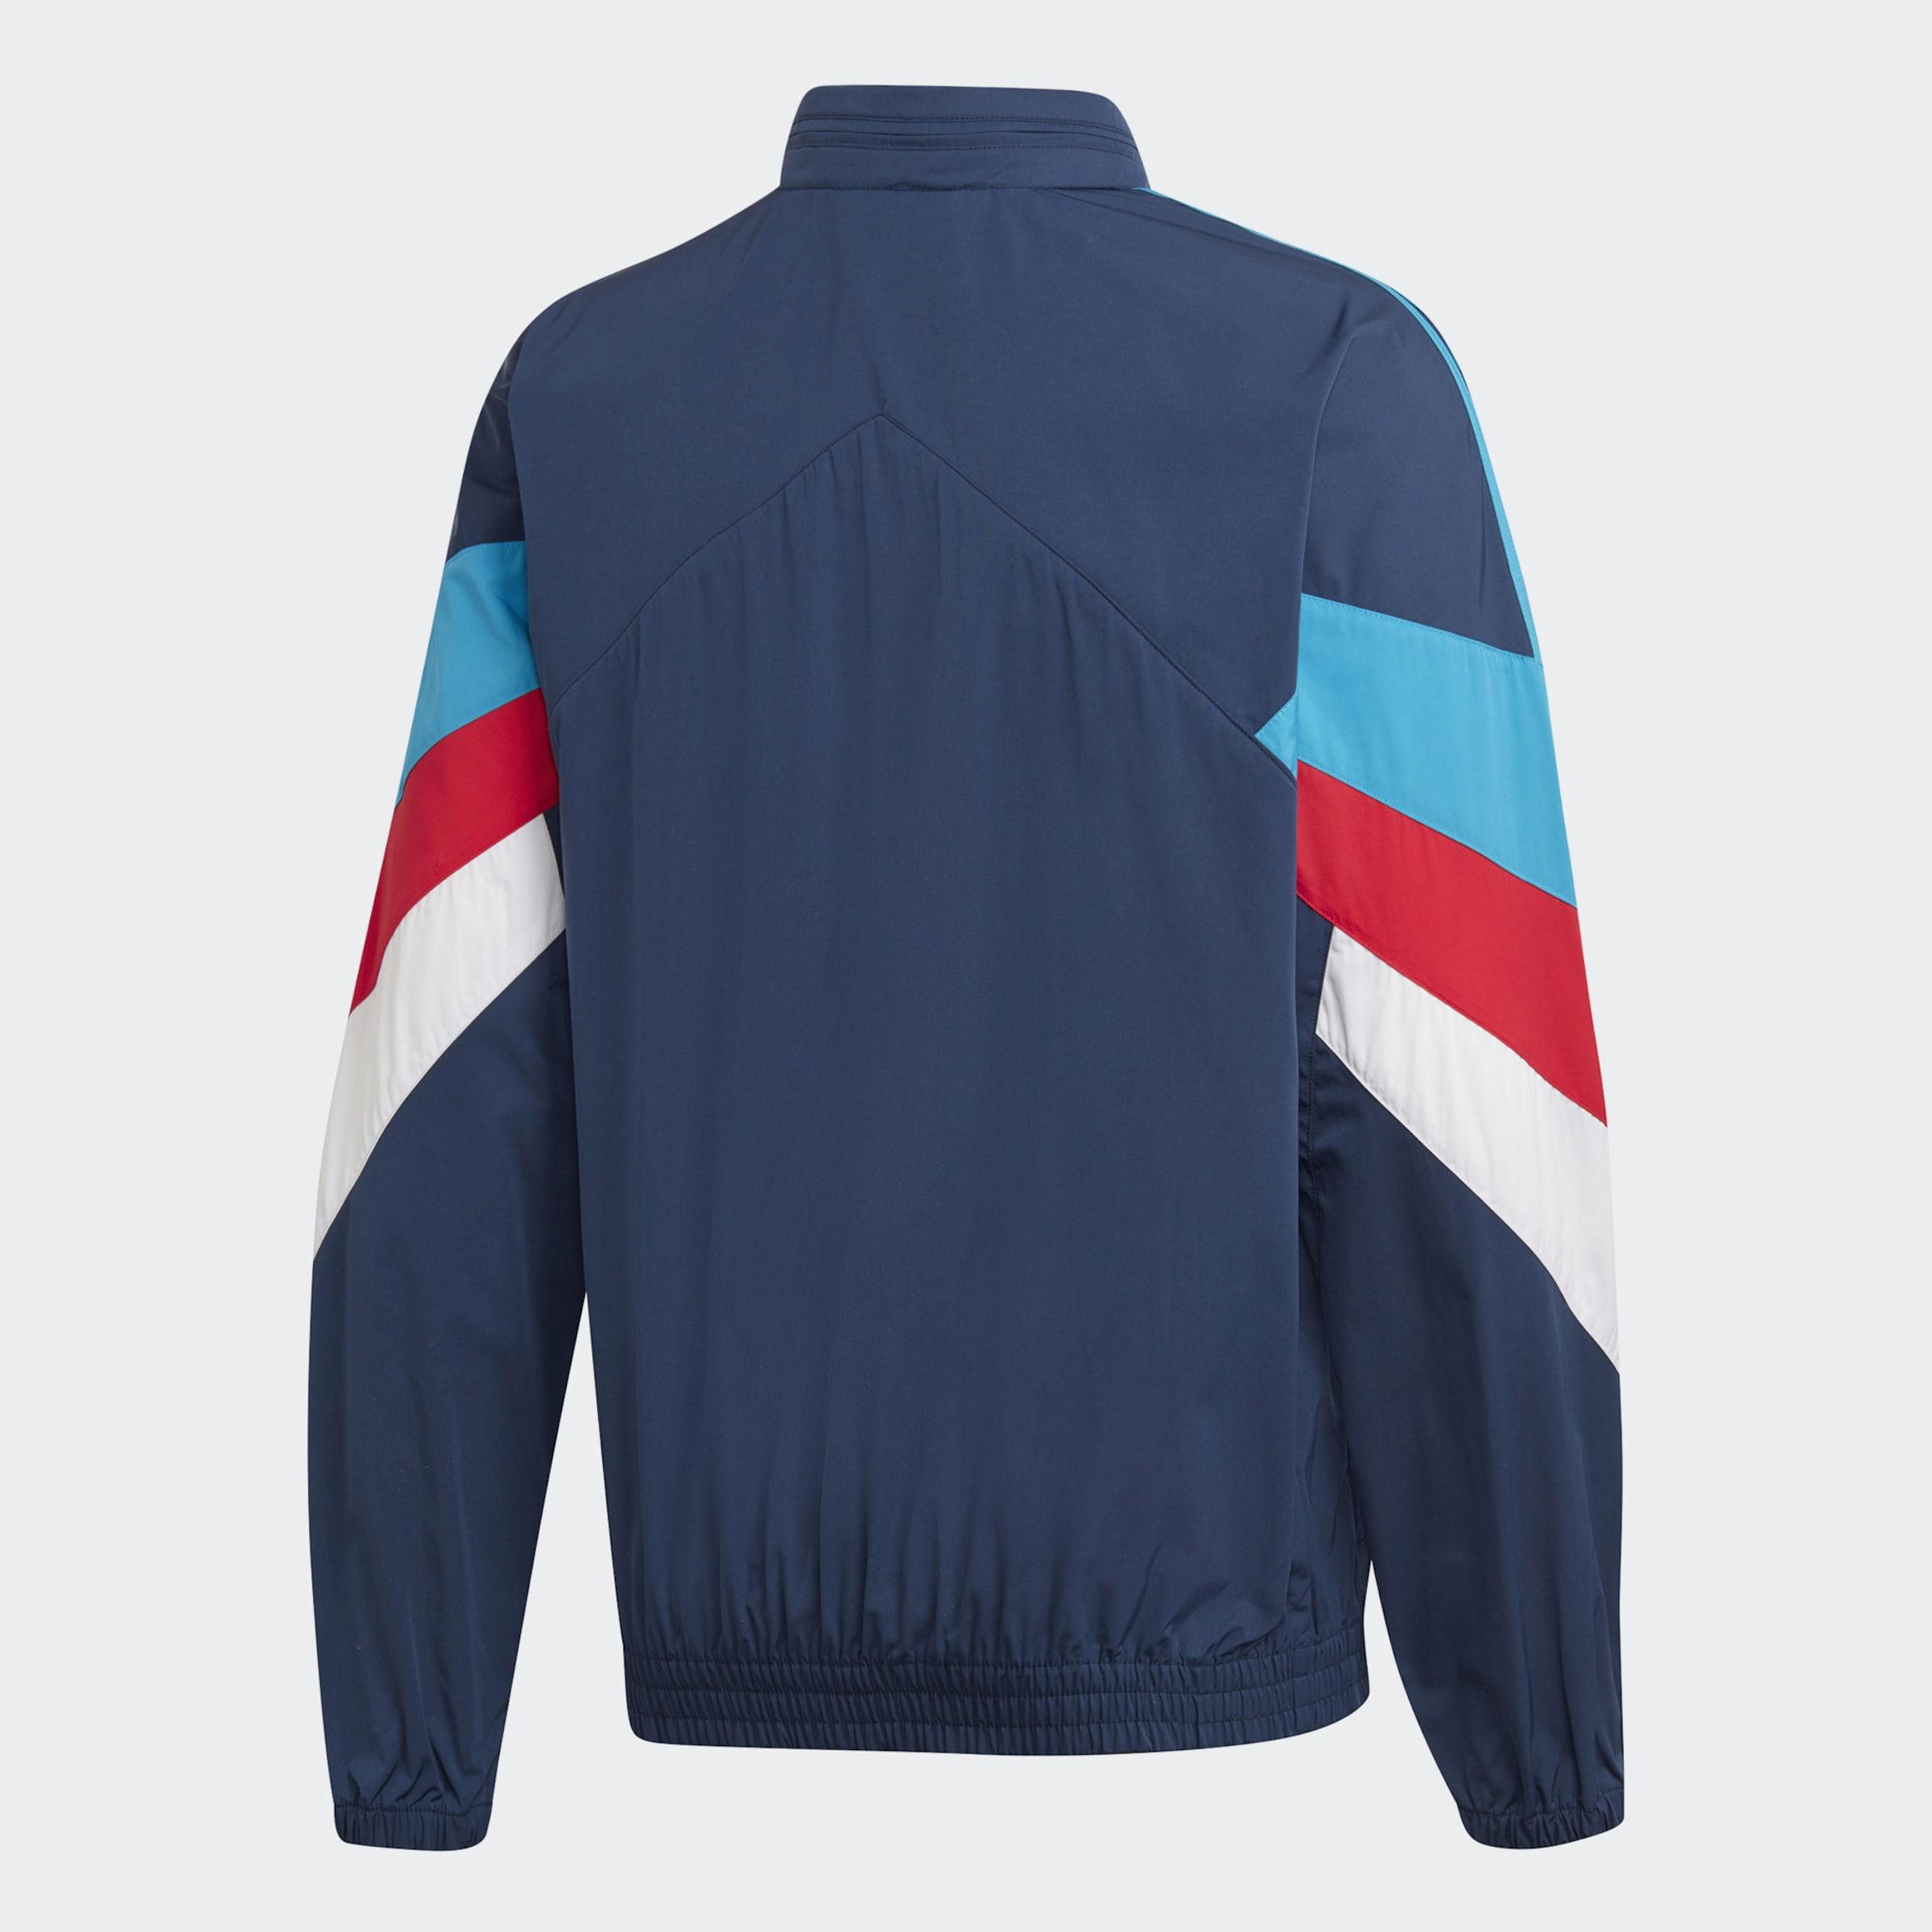 Adidas Originals In Weiß BlauHellblau Jacke Rot R4Lq3A5j